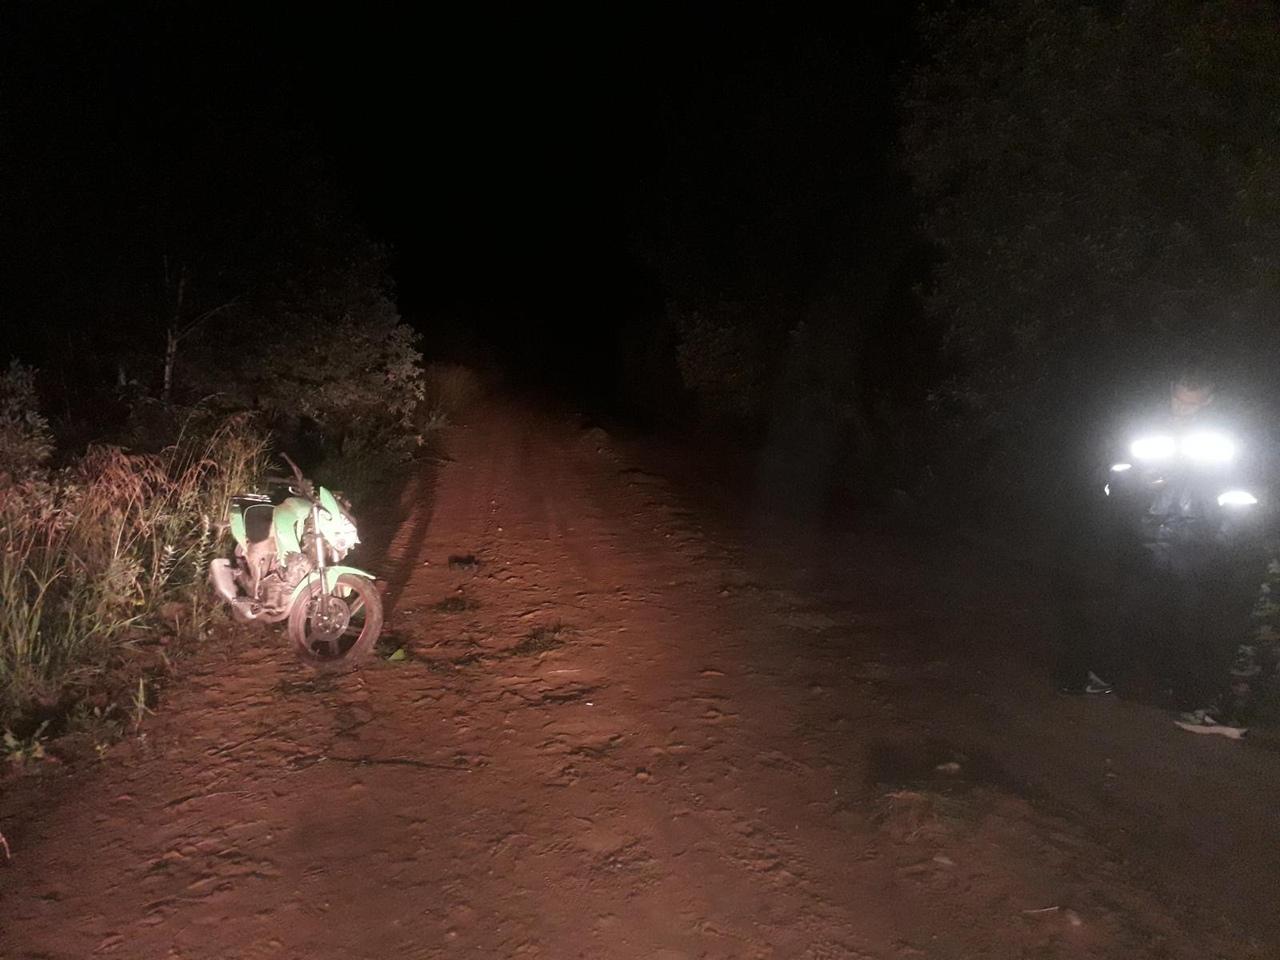 В Тверской области мотоциклист на темной дороге упал в кювет - новости Афанасий